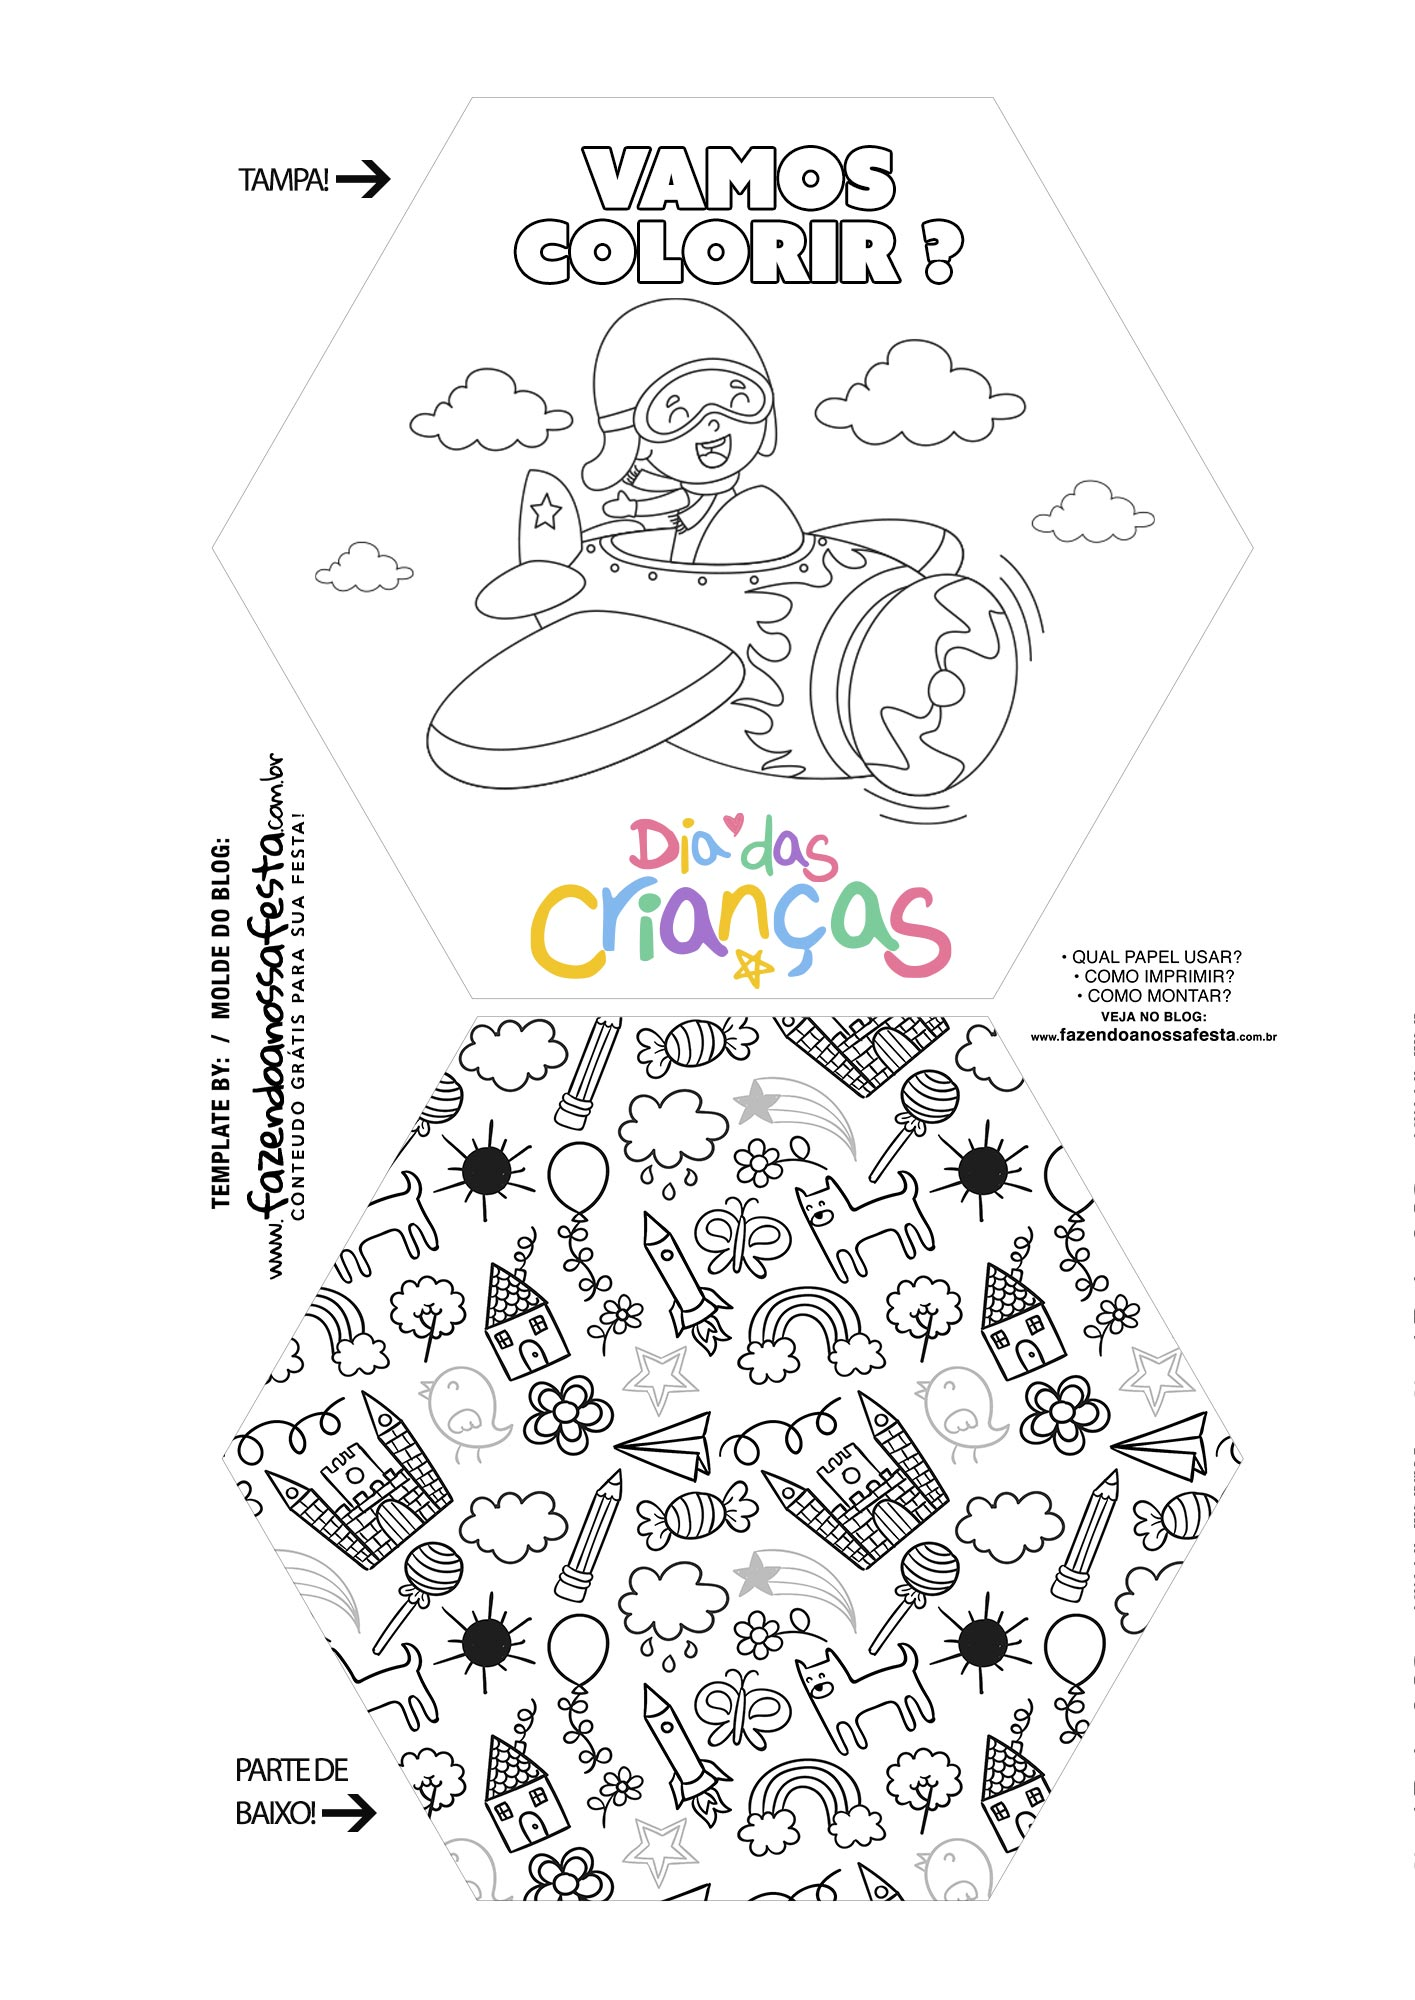 Caixa Explosiva Dia das Criancas para colorir aviador